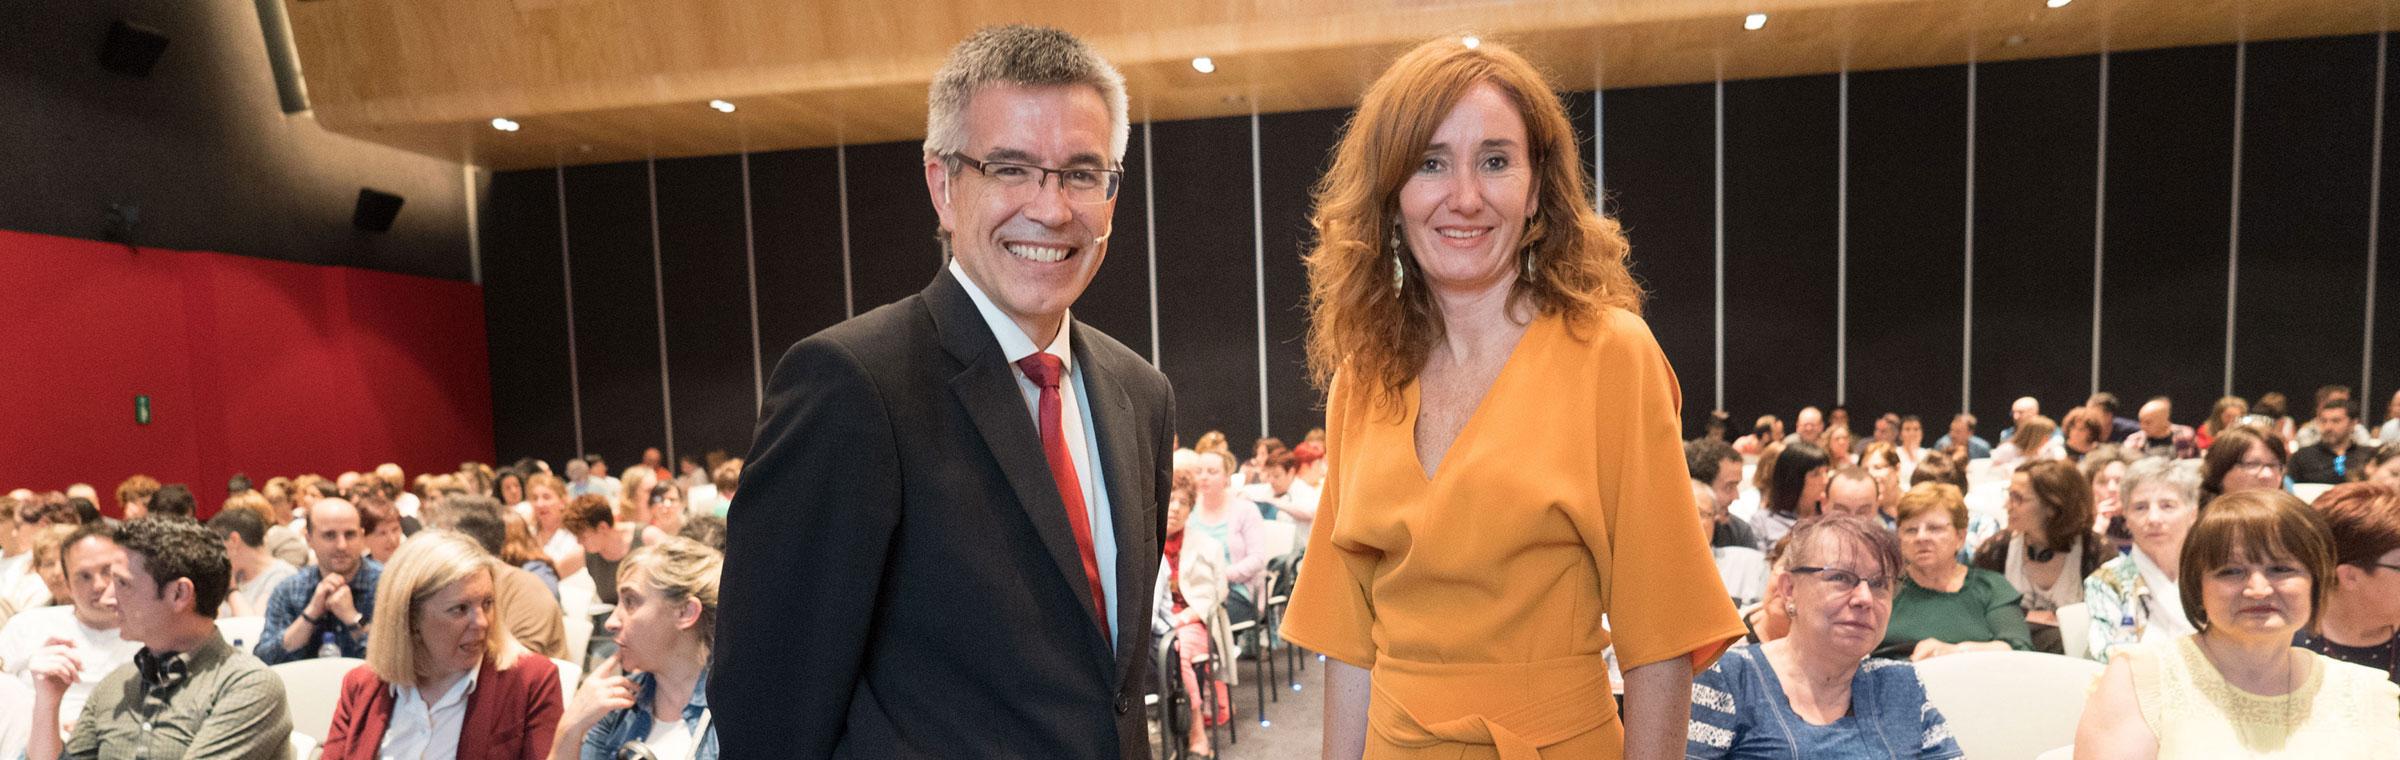 Agustin Markaide y Leire Muguerza de Eroski en auditorio